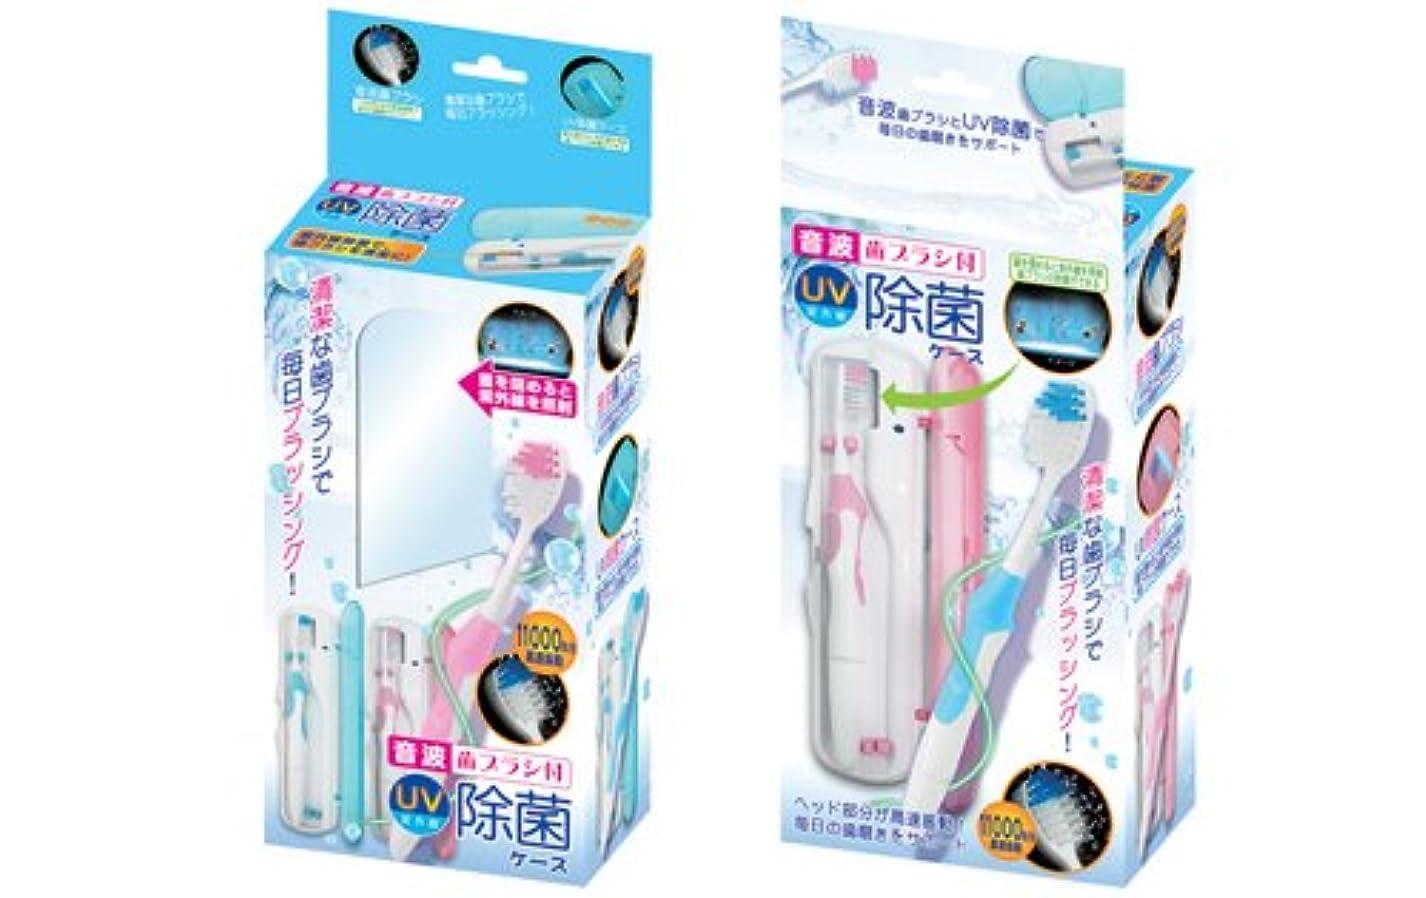 ゆでる天気漏れ音波歯ブラシ付き UV除菌ケース 電動歯ブラシ ピンク